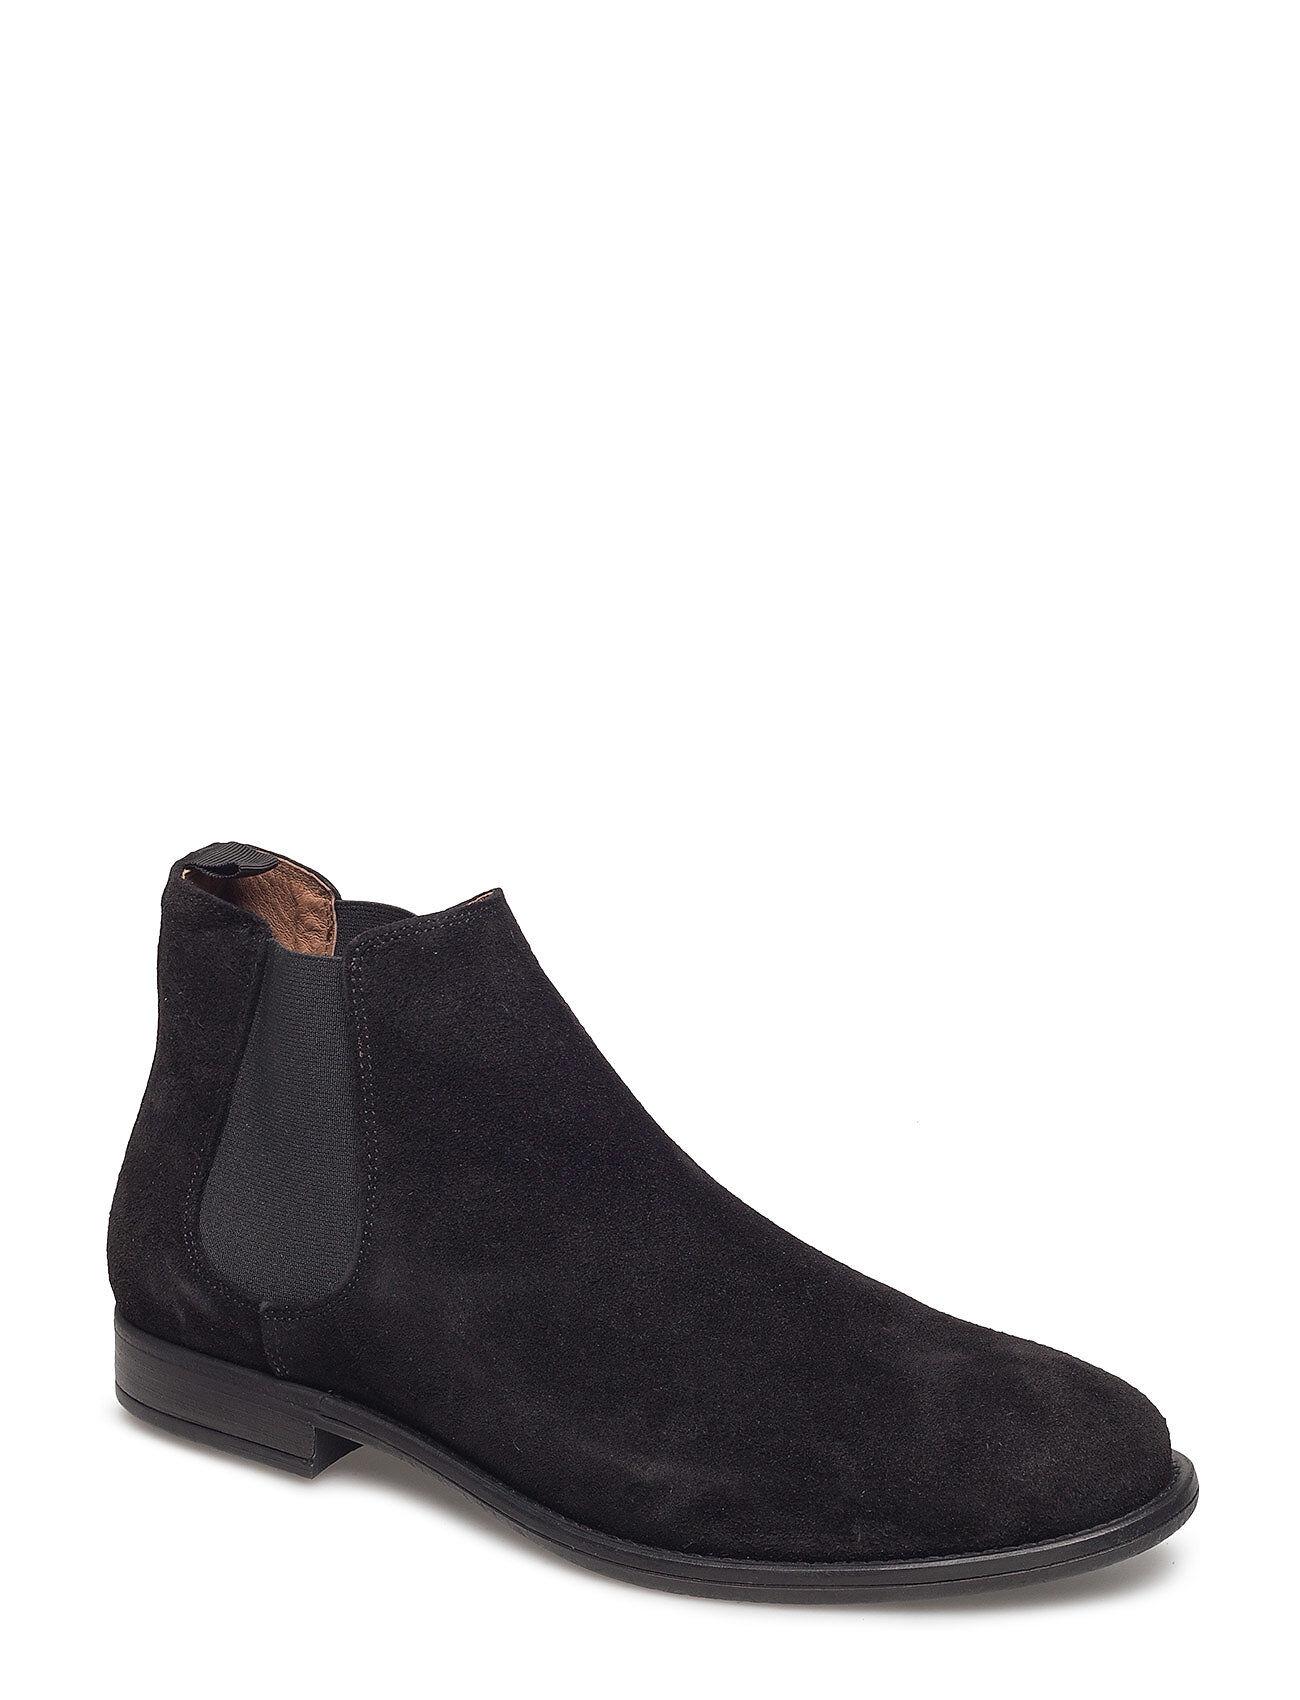 Playboy Footwear Alton